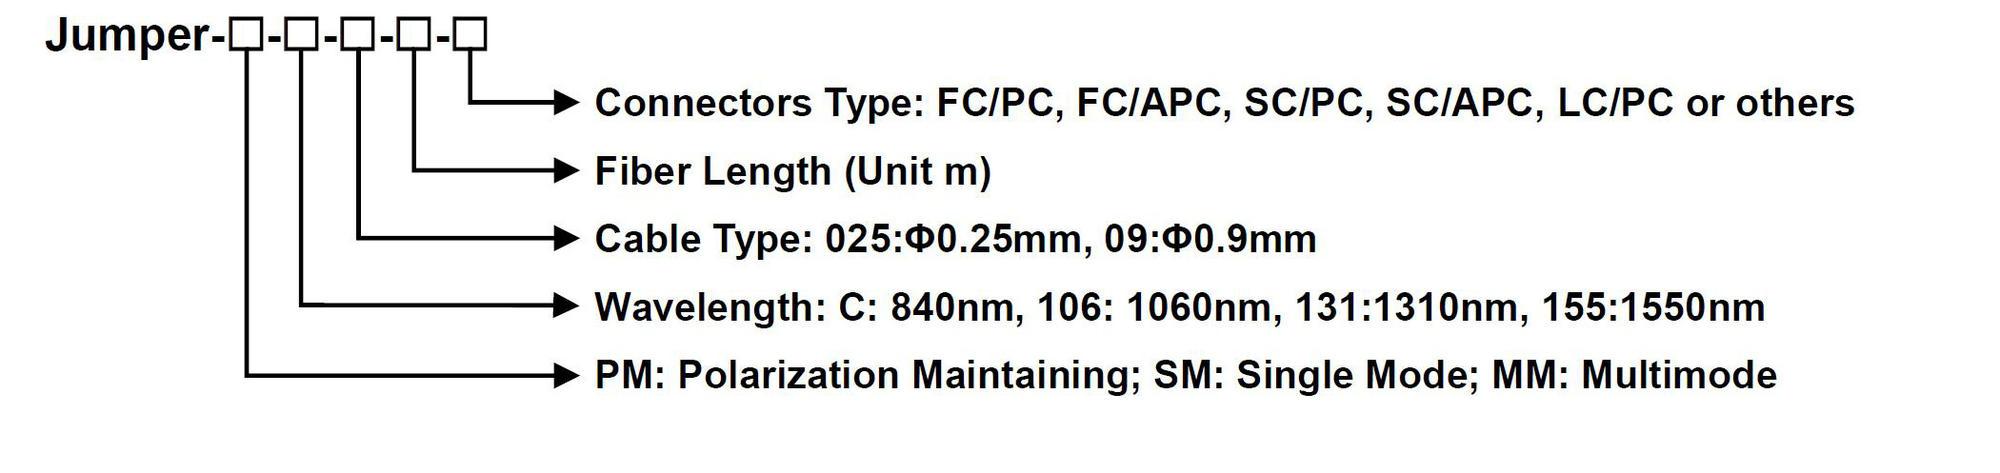 1.7 Fiber Jumper